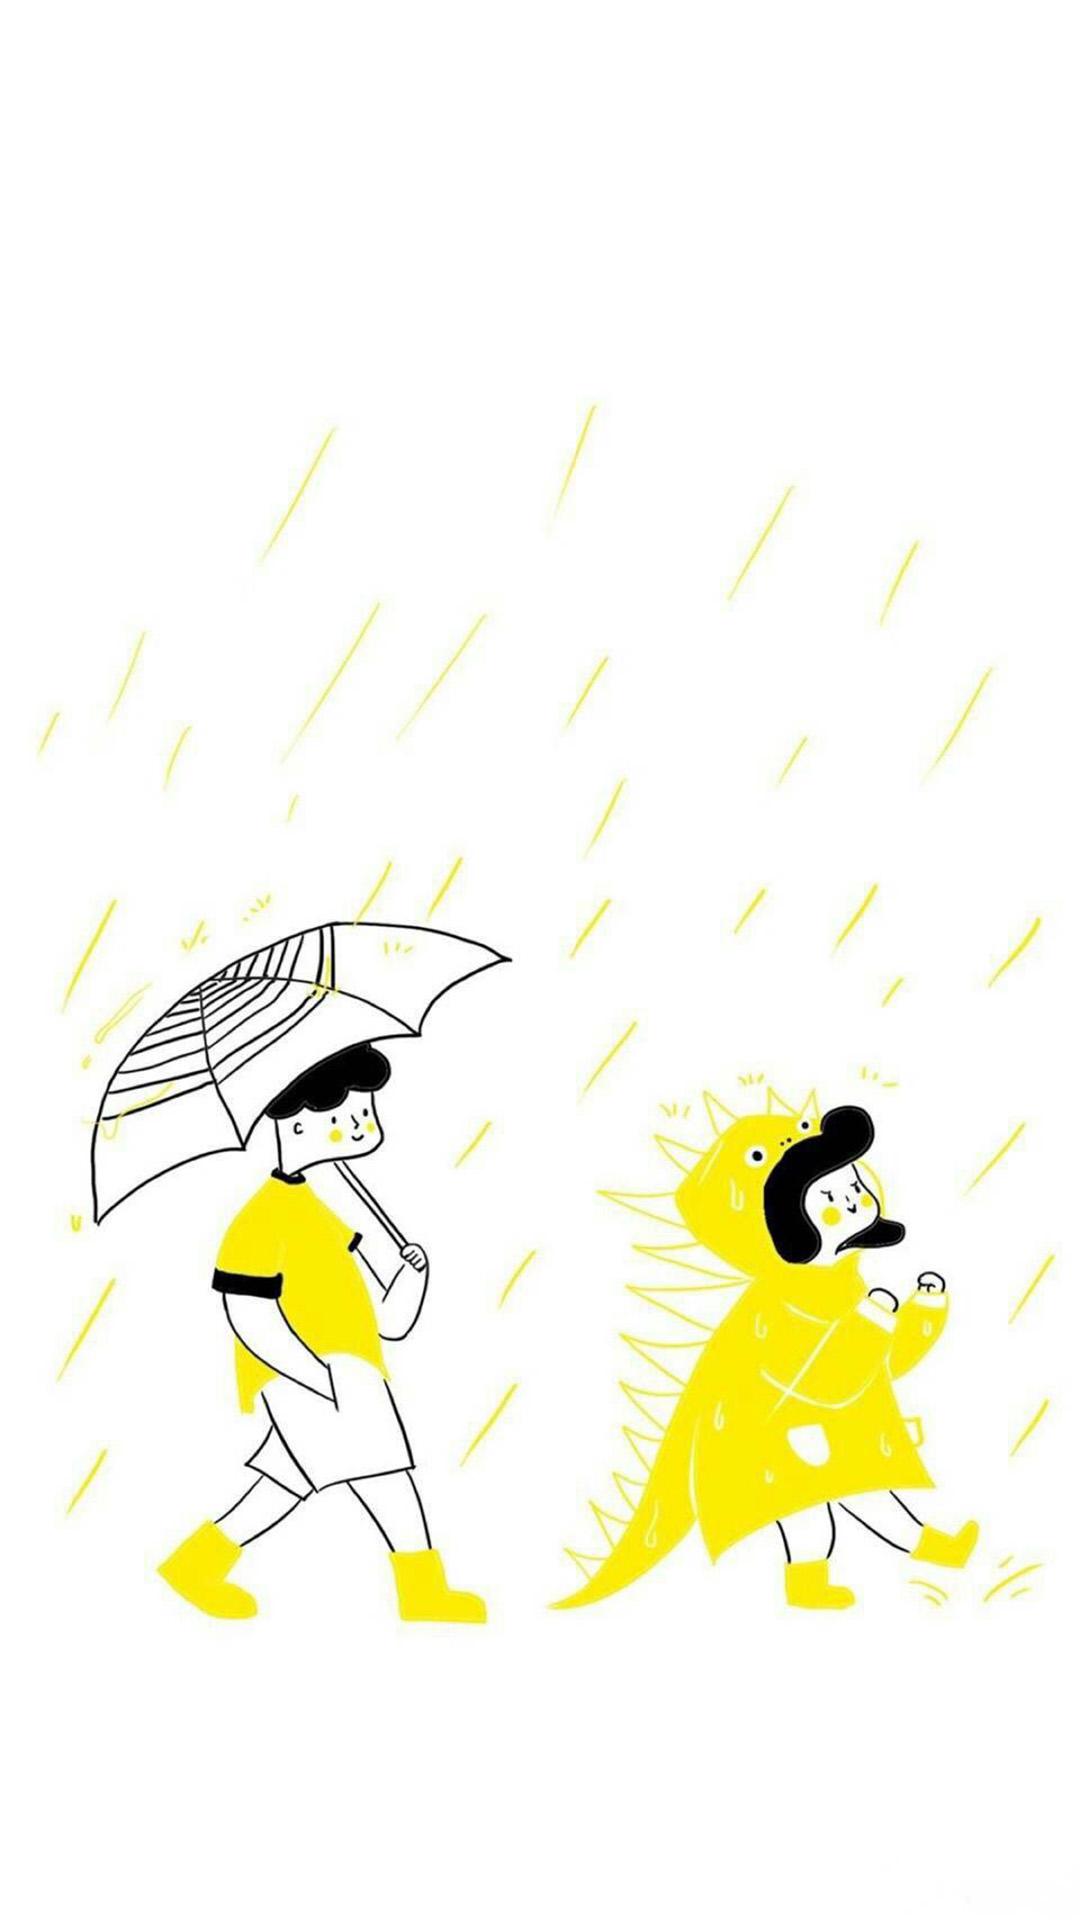 白色背景 卡通简笔画 情侣 下雨天 苹果手机高清壁纸 1080x1920 爱思助手